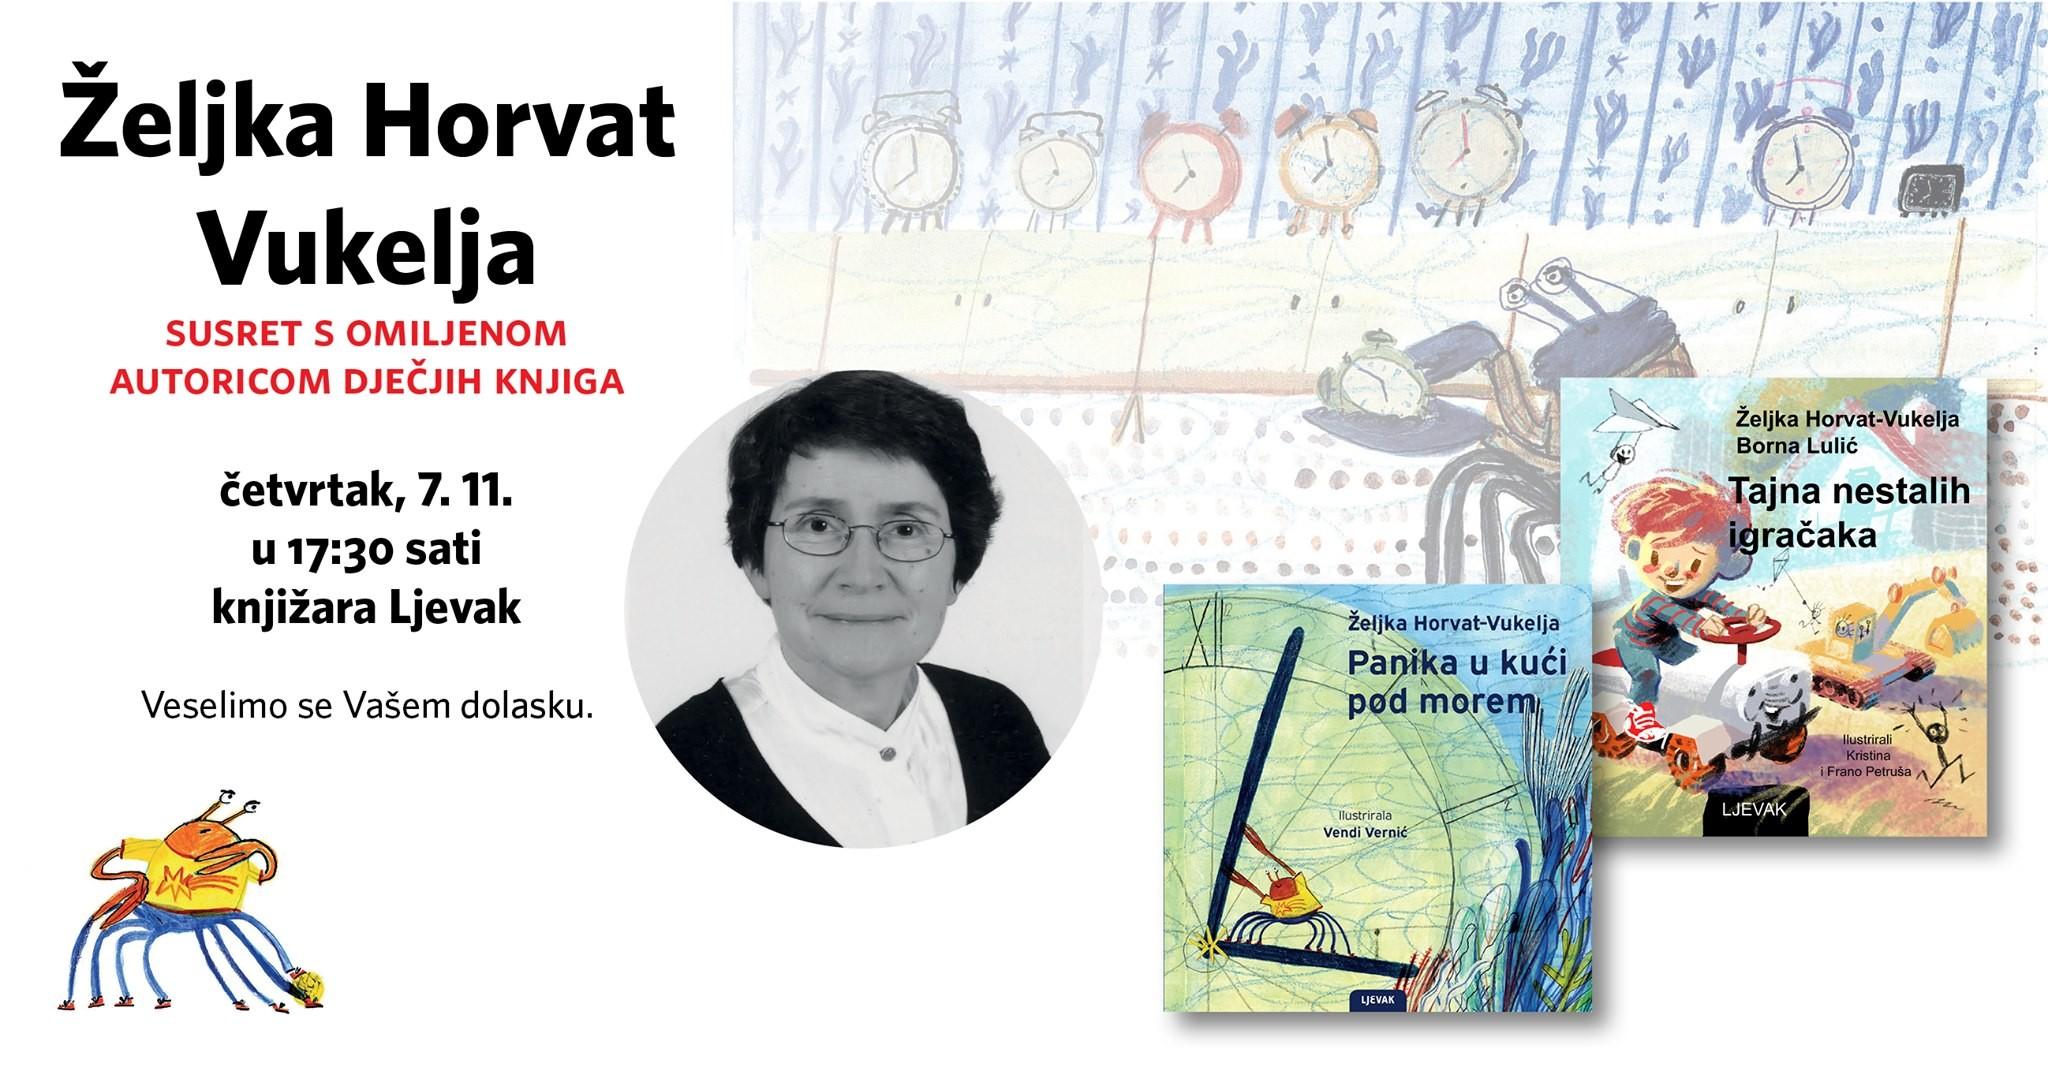 Željka Horvat Vukelja u Knjižari Ljevak